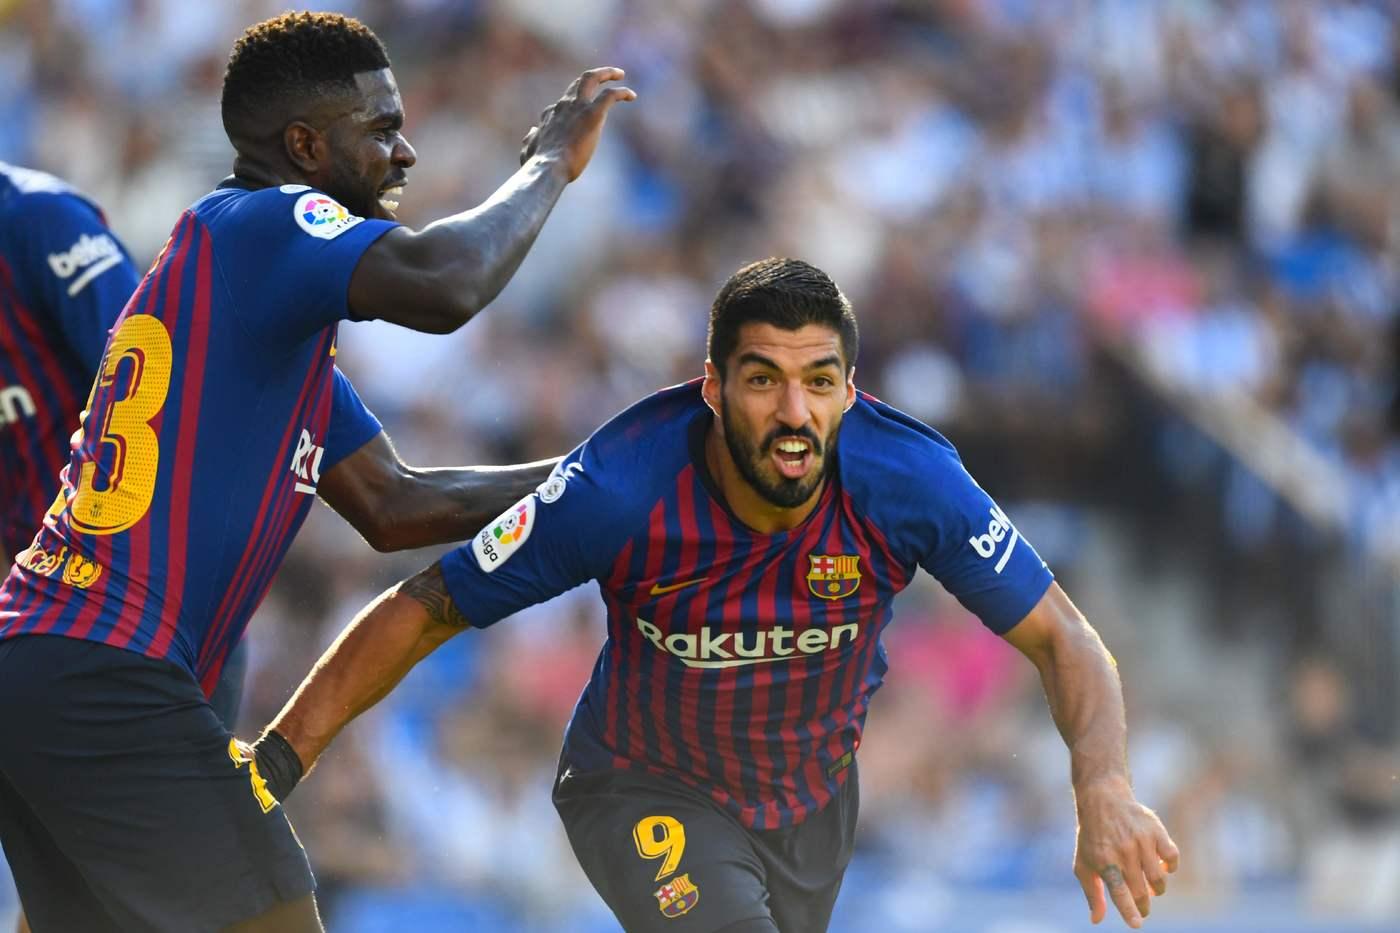 LaLiga, Barcellona-Betis Siviglia domenica 11 novembre: analisi e pronostico della 12ma giornata del campionato spagnolo